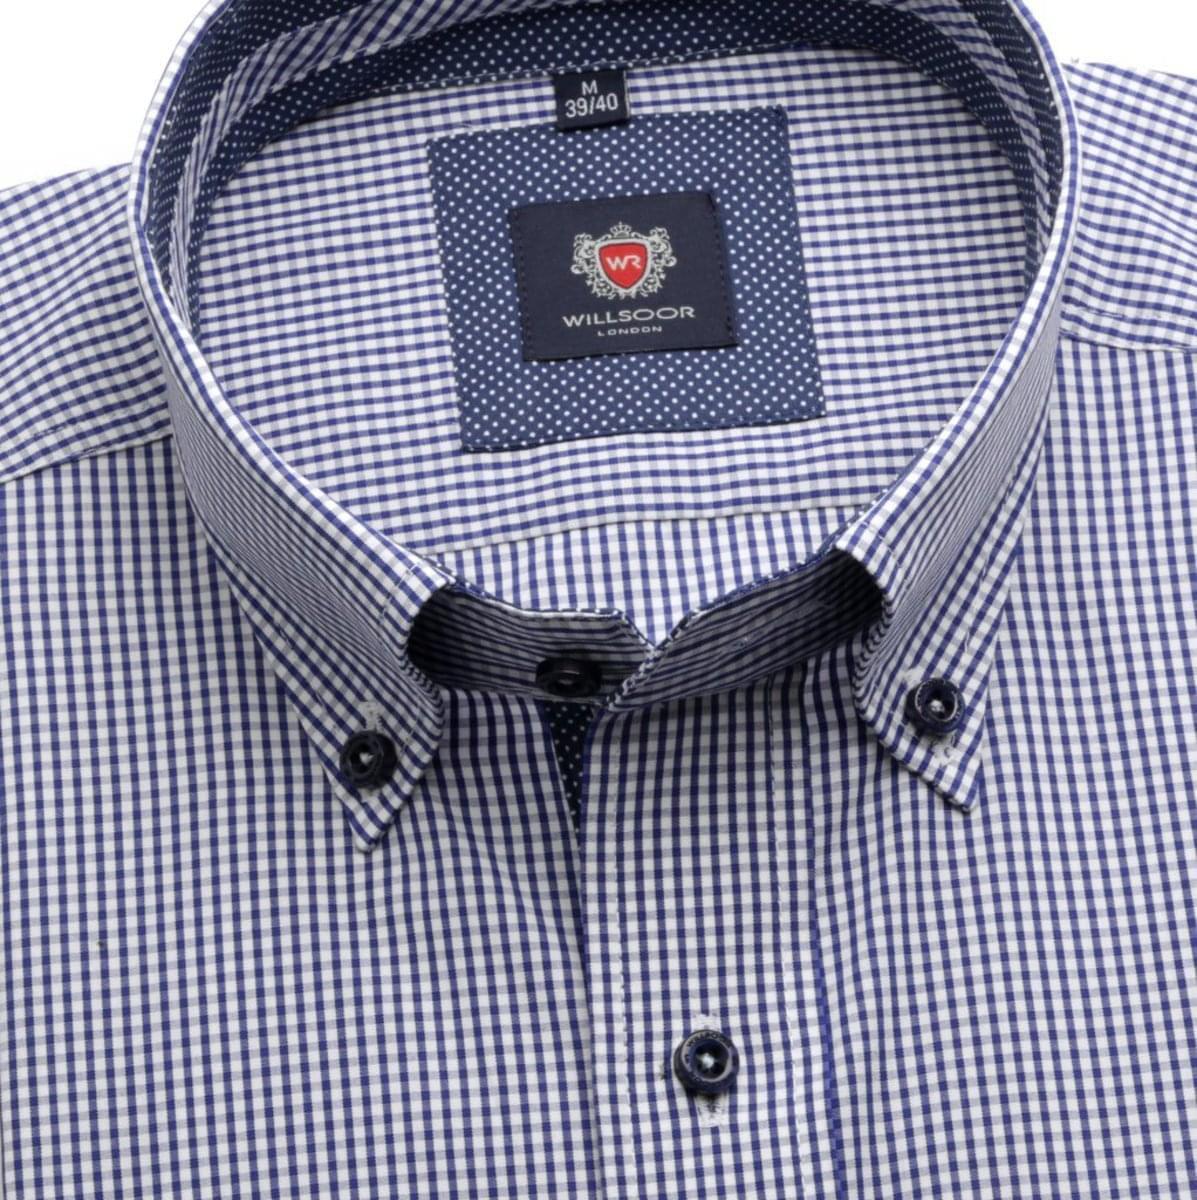 Pánská slim fit košile London (výška 188-194) 6076 s bílo-modrou kostkou a formulí Easy Care 188-194 / L (41/42)